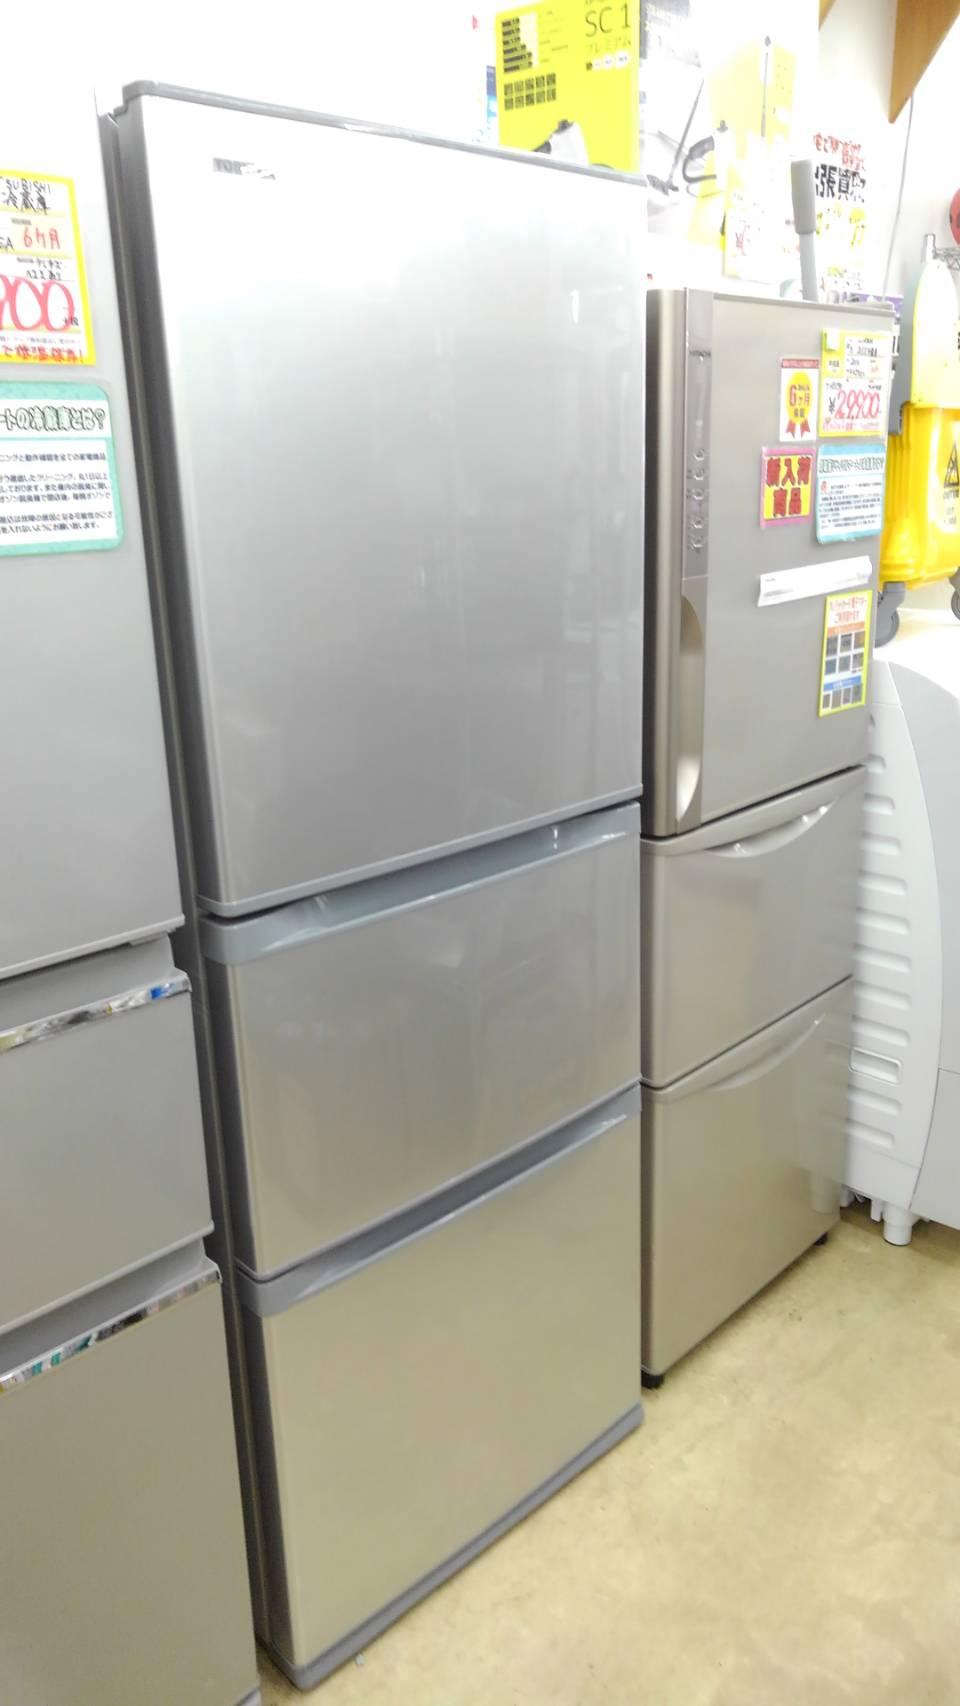 【TOSHIBA 東芝 330L冷蔵庫 2017 GR-K33S 生活家電 キッチン家電】買い取り致しました!の買取-